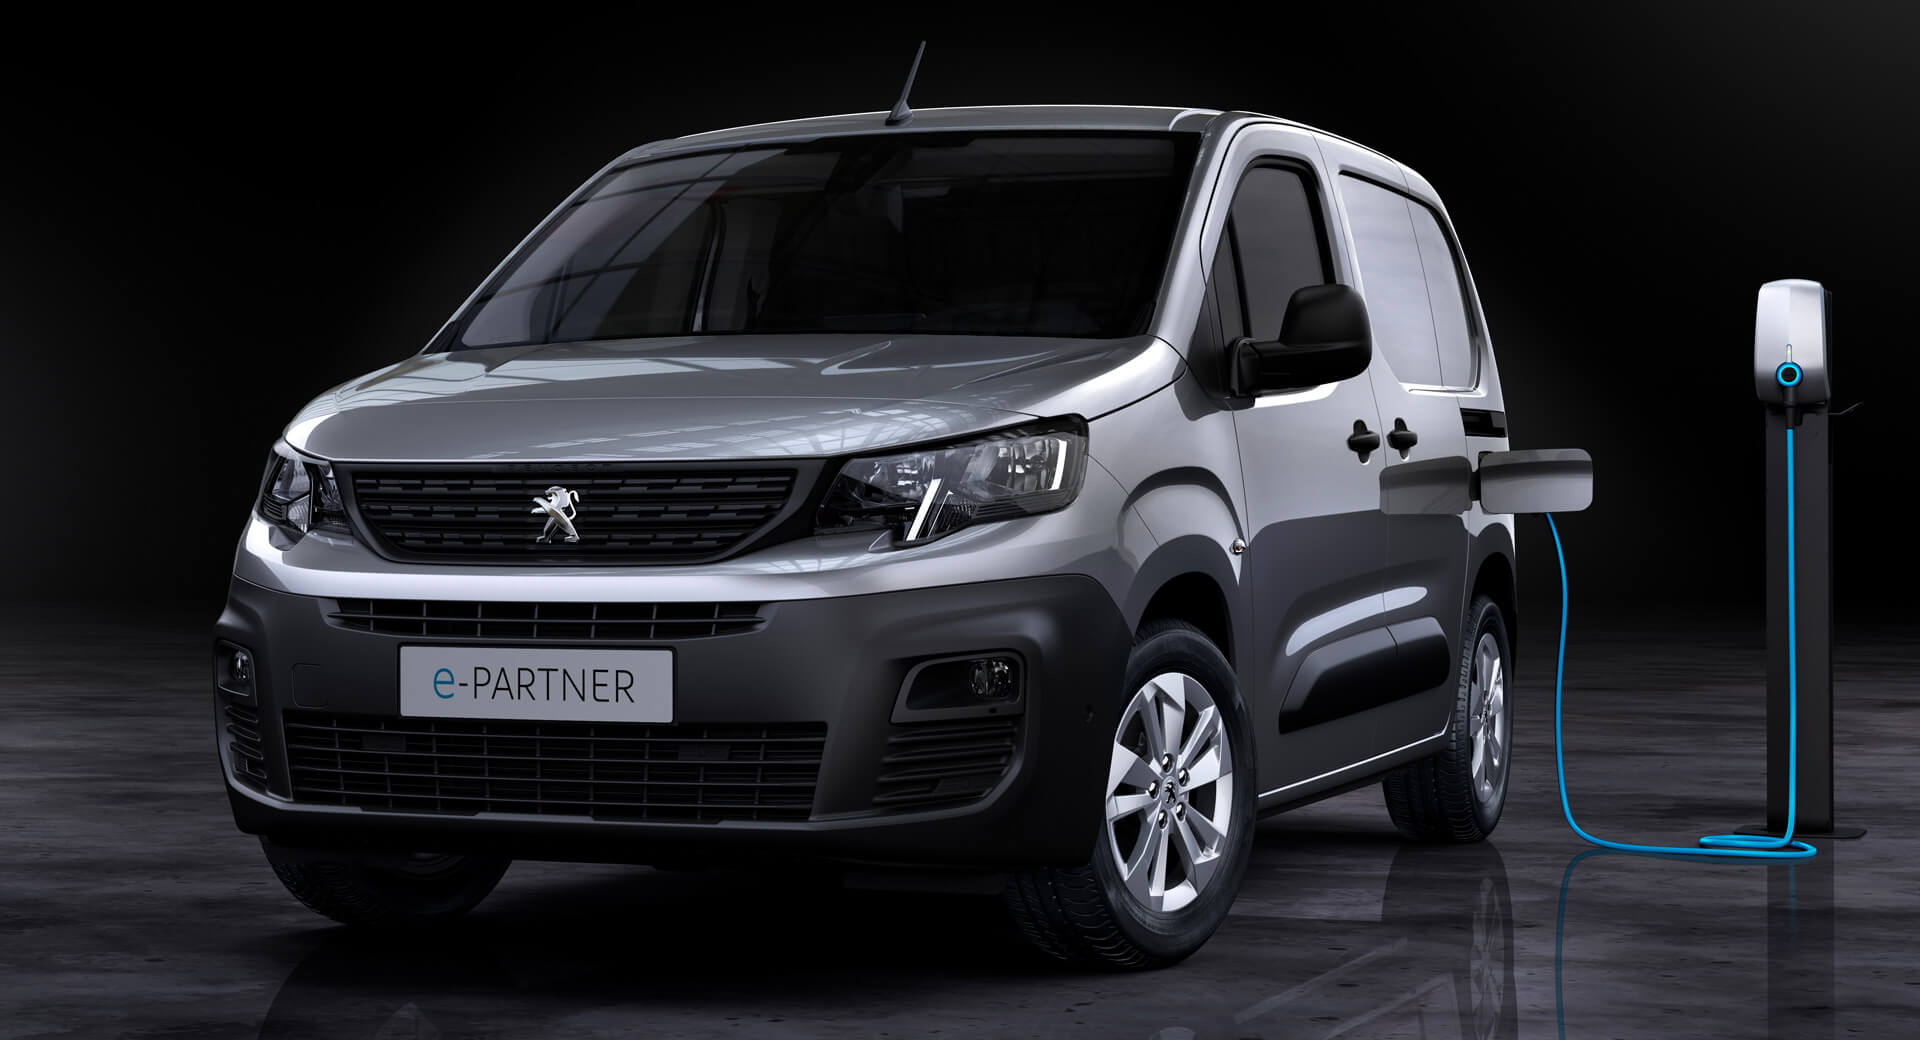 Peugeot e-Partner Memasuki Pasar LCV Listrik, Meluncur Tahun Ini